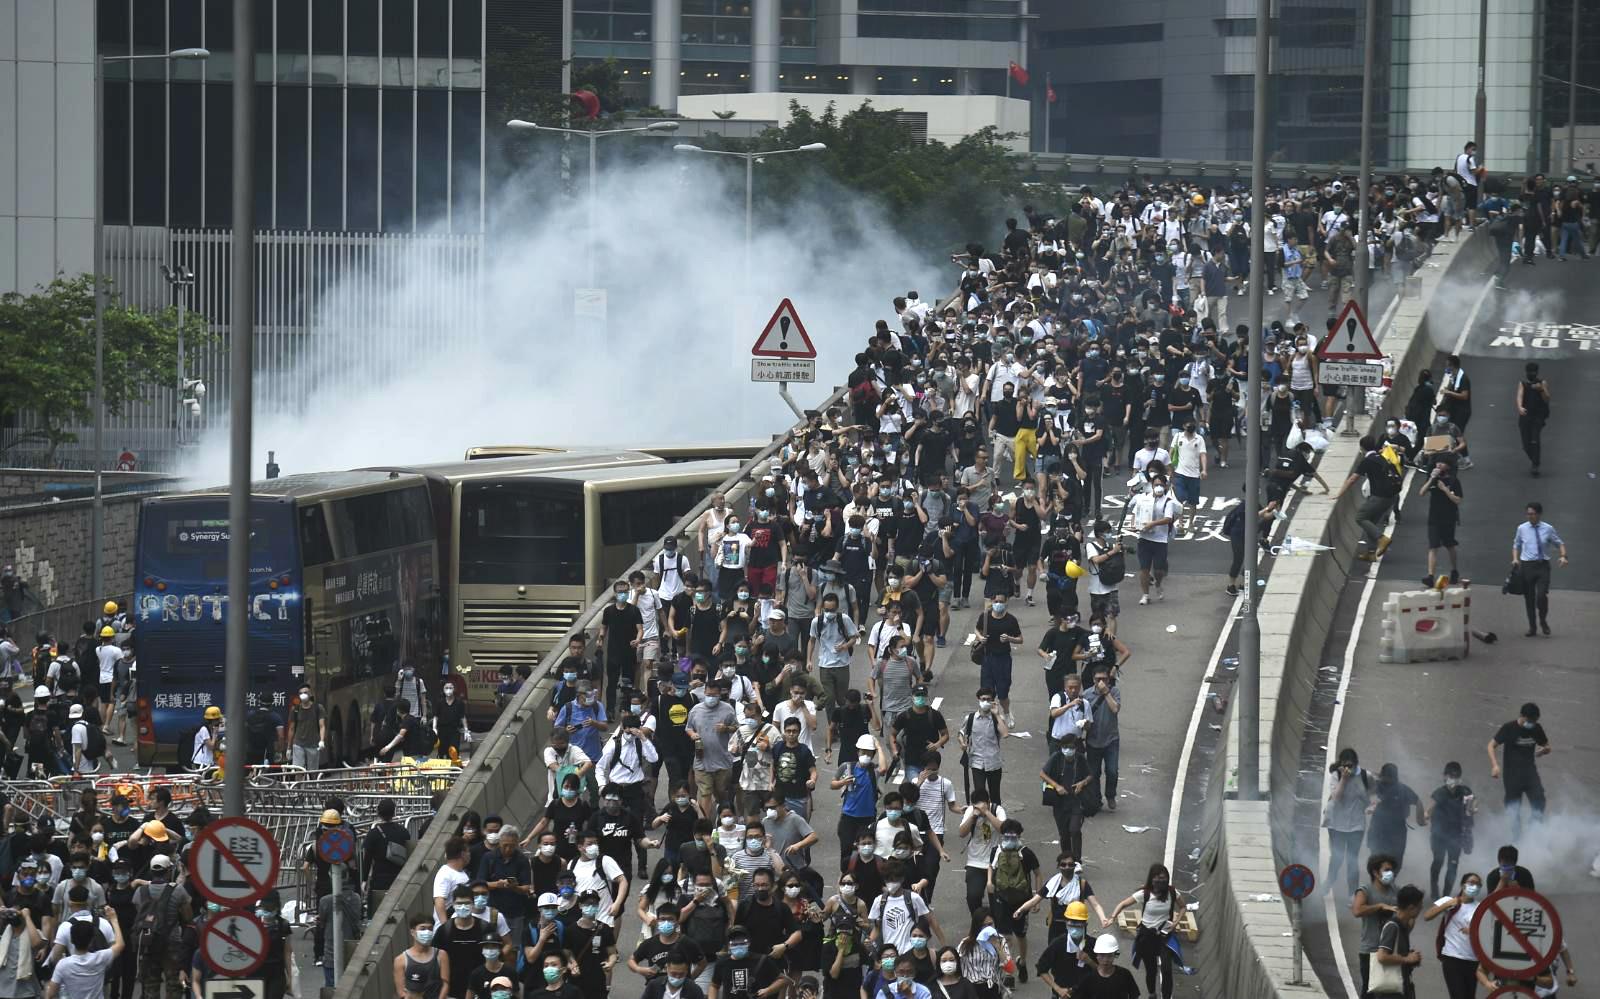 反對修訂《逃犯條例》示威演變成騷亂